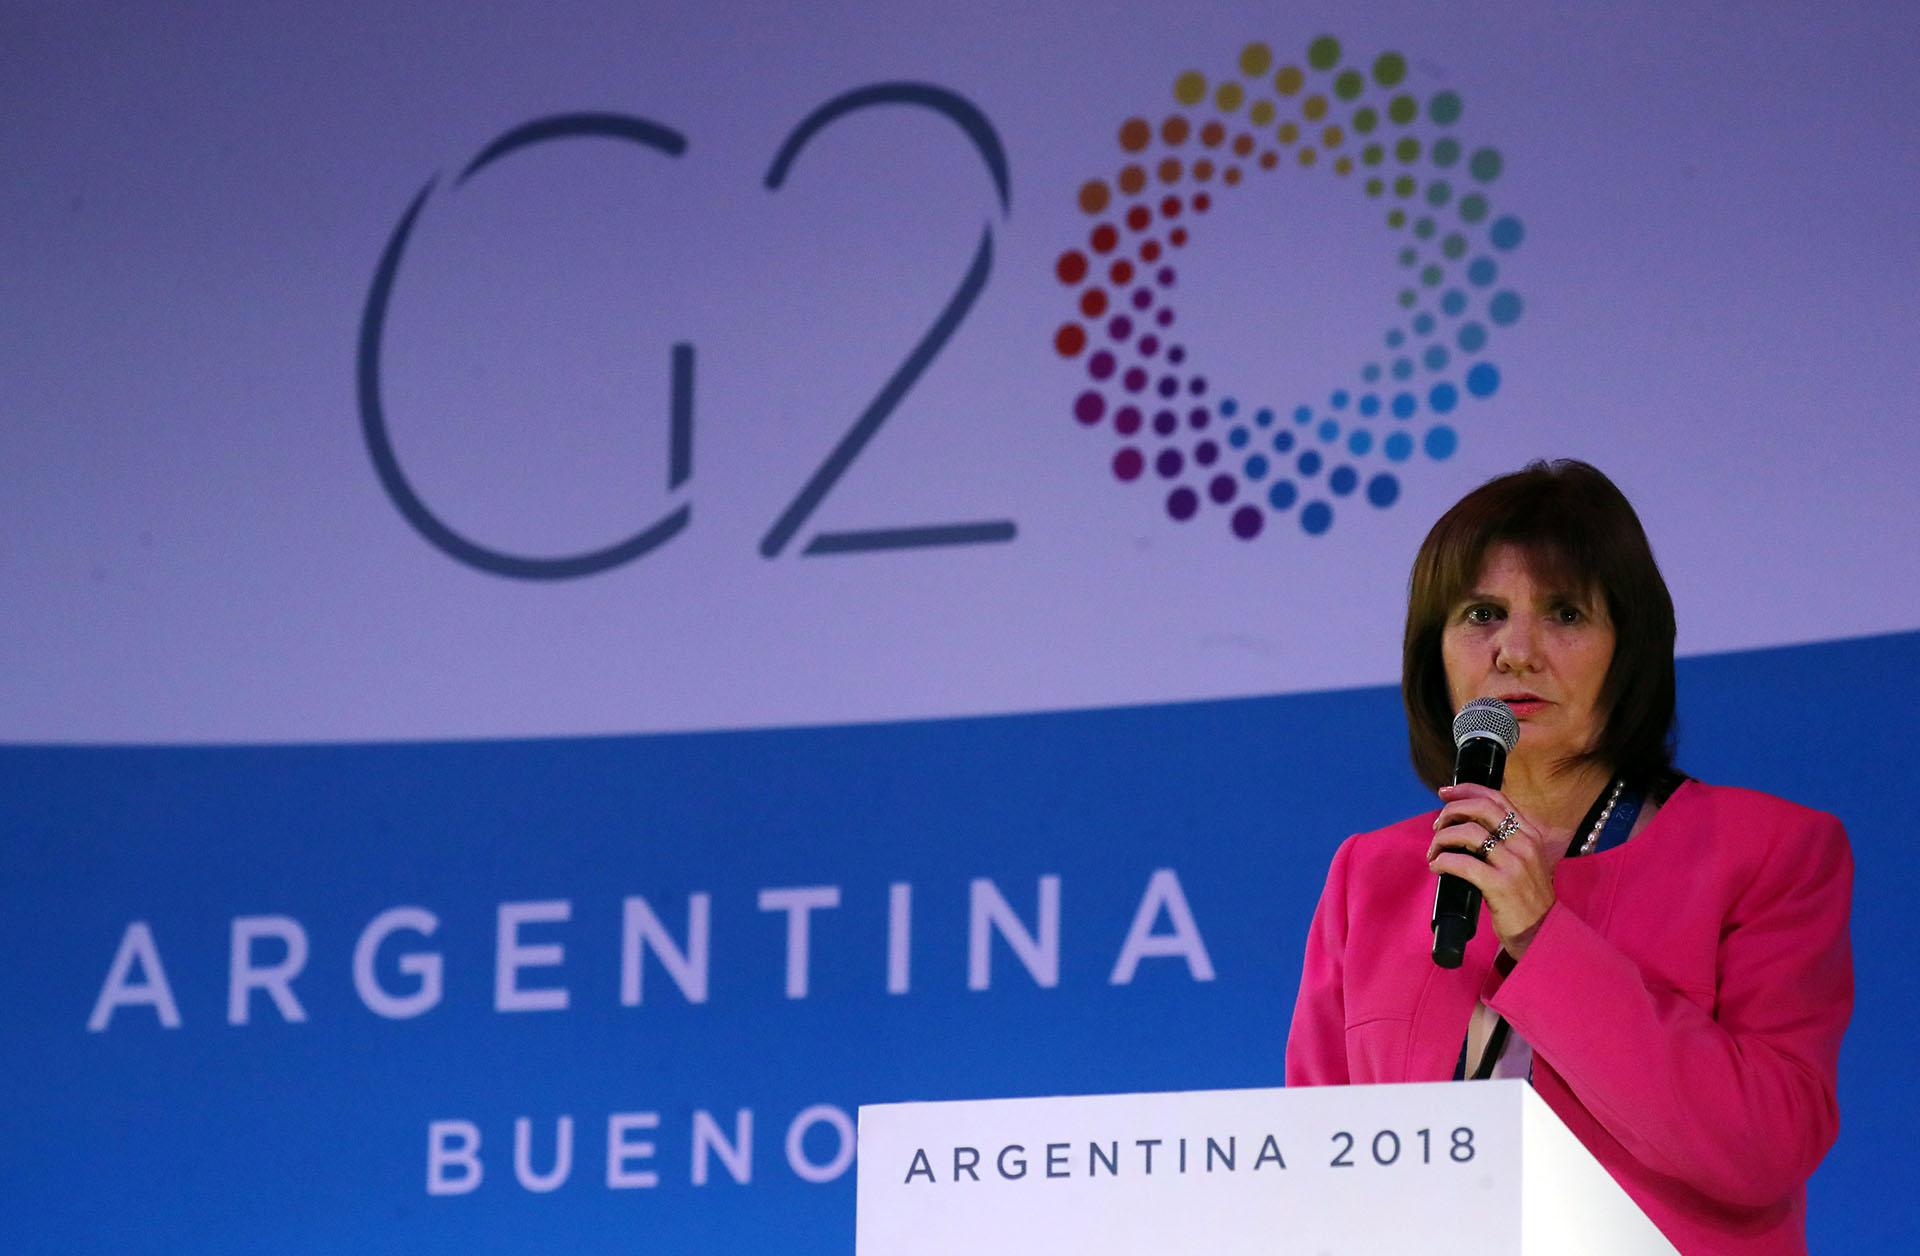 La ministra de Seguridad Patricia Bullrich en una conferencia de prensa en el Media Center (Reuters)